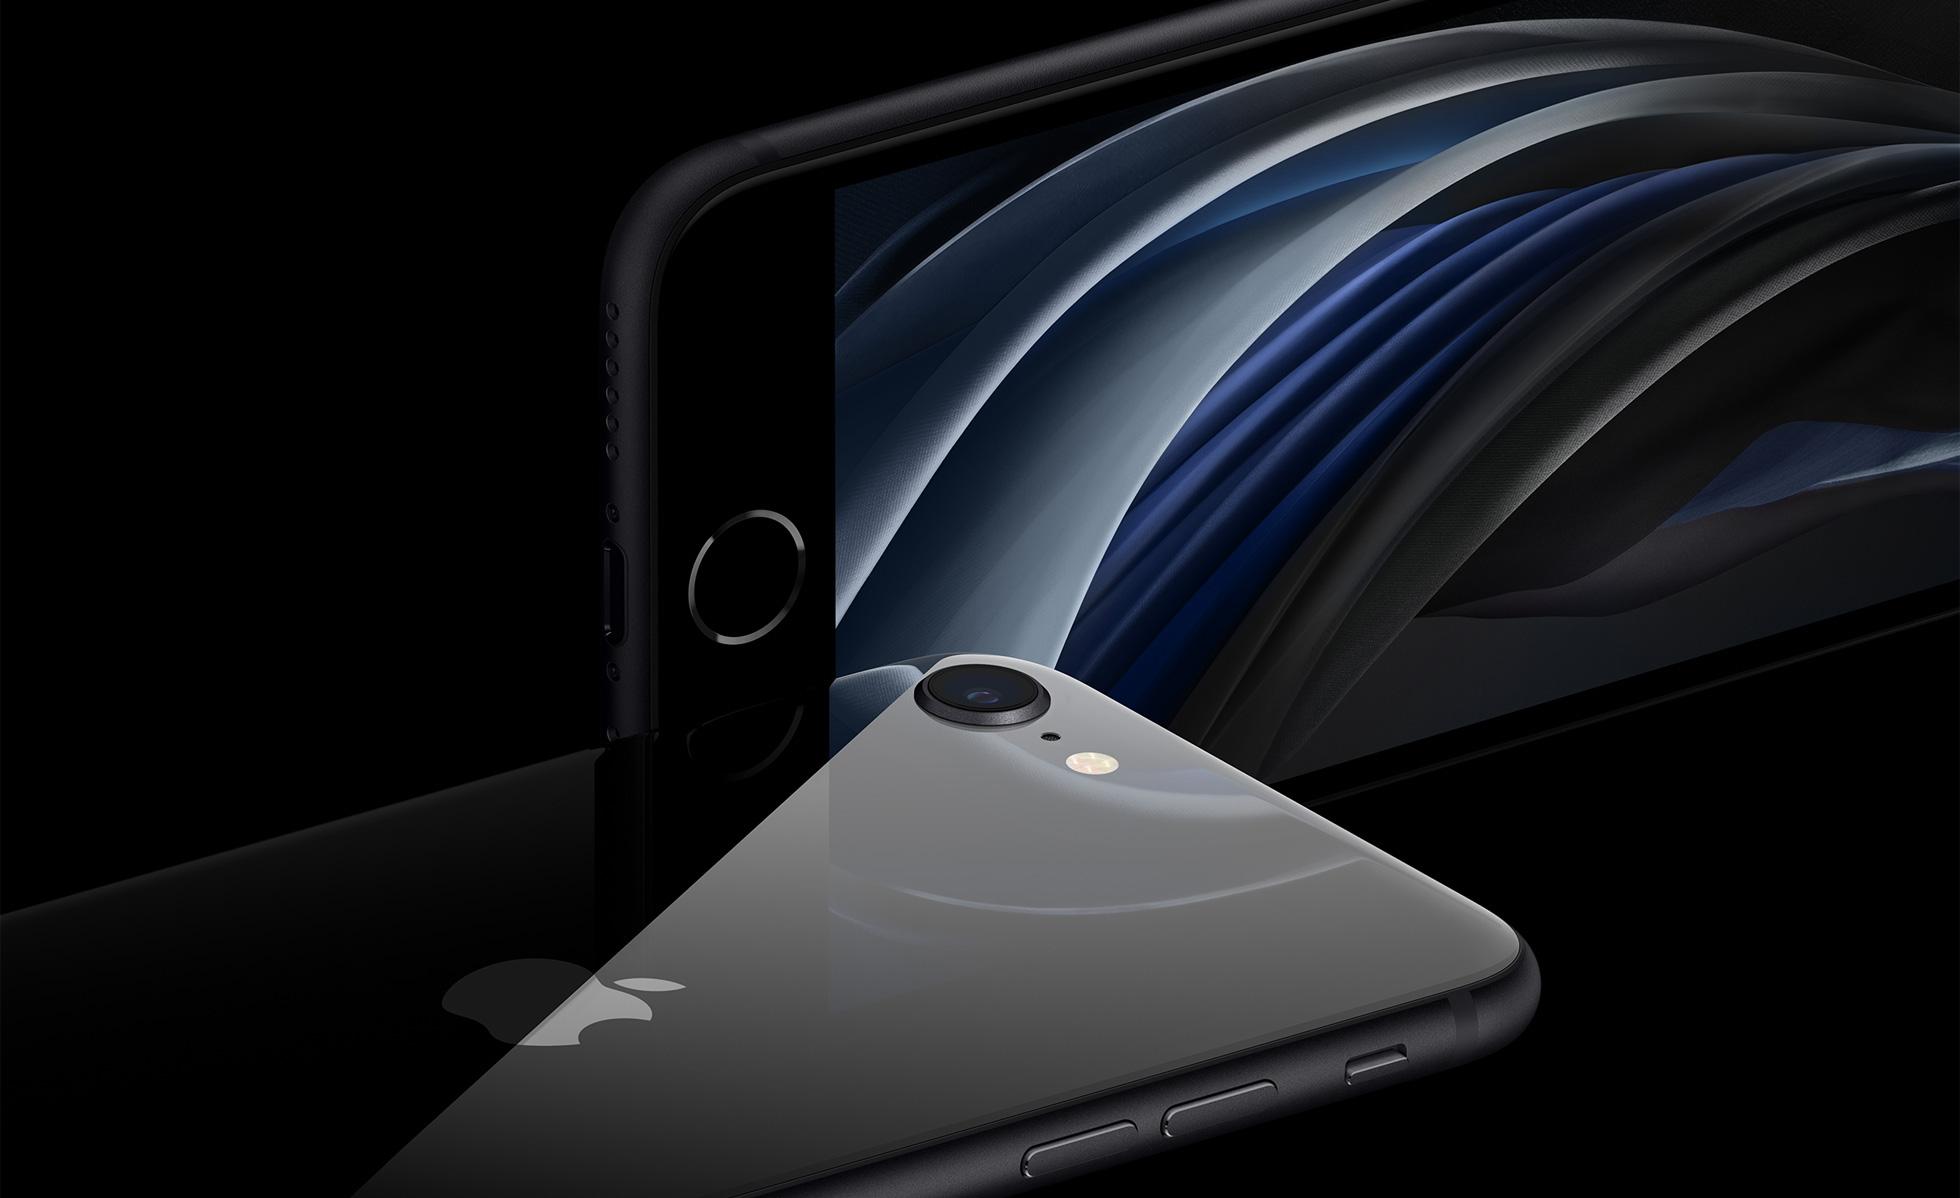 iPhone SE 2020: чип Apple A13 Bionic, защита от воды IP67, беспроводная зарядка, камера на 12 Мп, Touch ID, дизайн как у iPhone 8 и ценник от $400